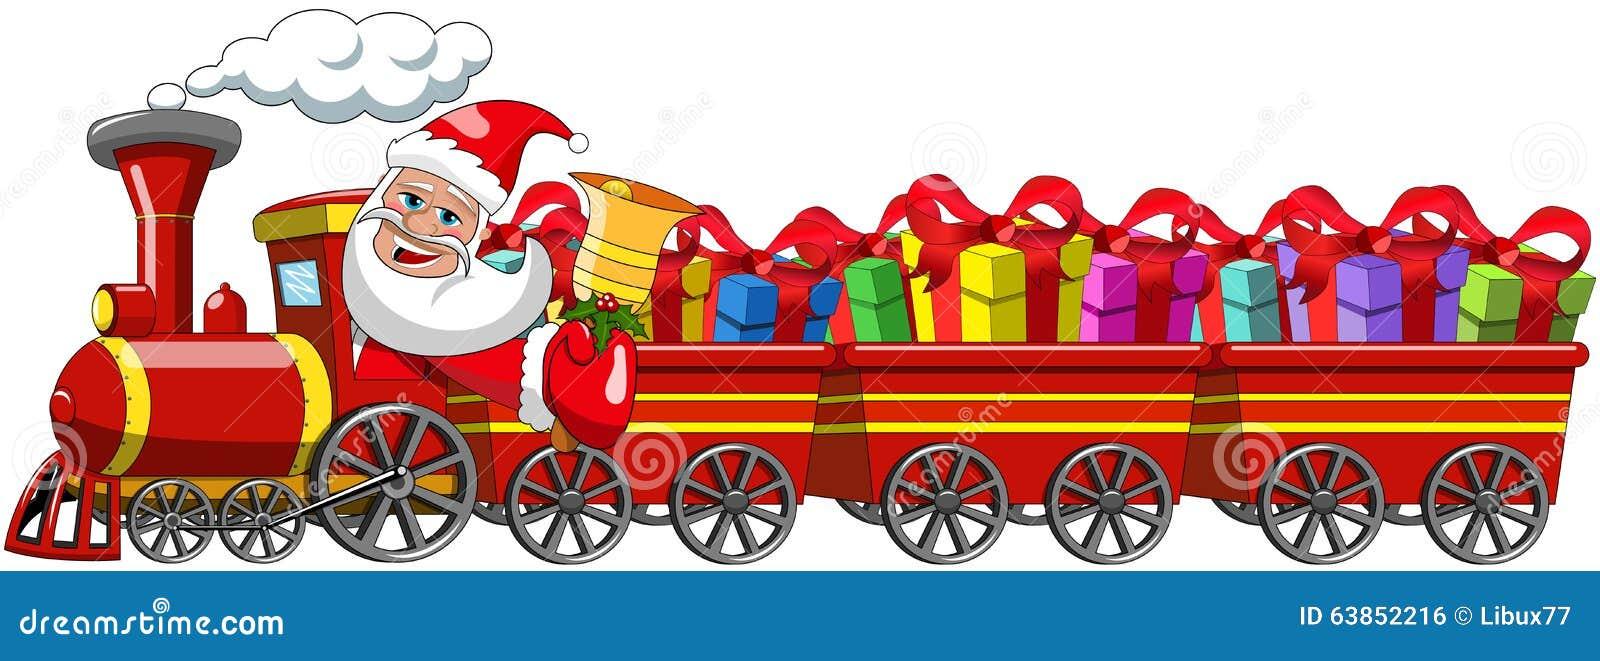 Regalos de Santa Claus Delivering que conducen los carros de la locomotora de vapor